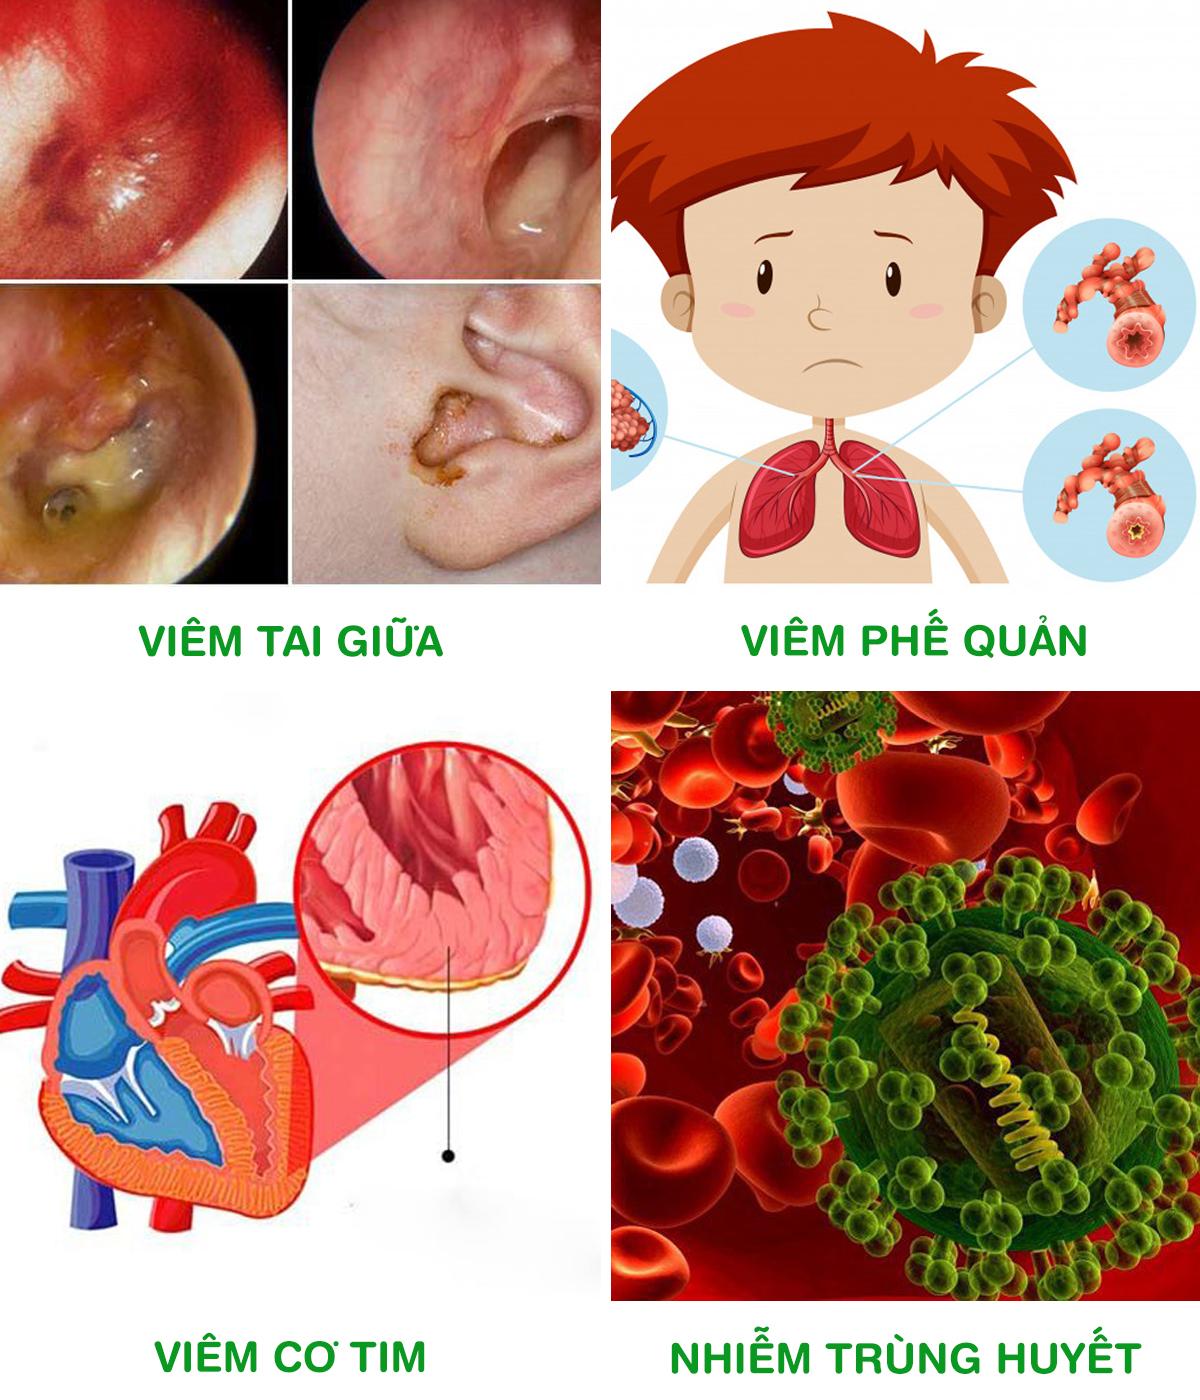 Biến chứng nguy hiểm do viêm VA, viêm Amidan gây ra